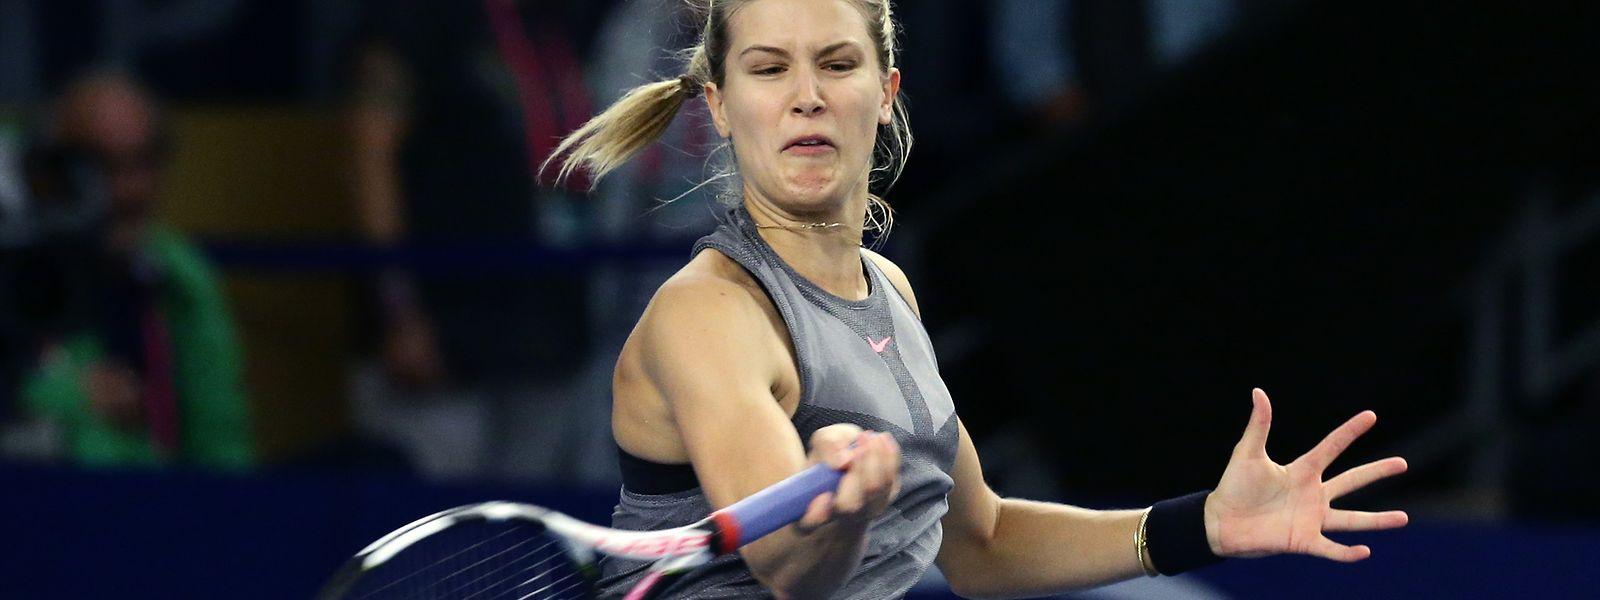 Eugenie Bouchard, qui est venue à quatre reprises à Luxembourg, avait déjà dû déclarer forfait en 2014